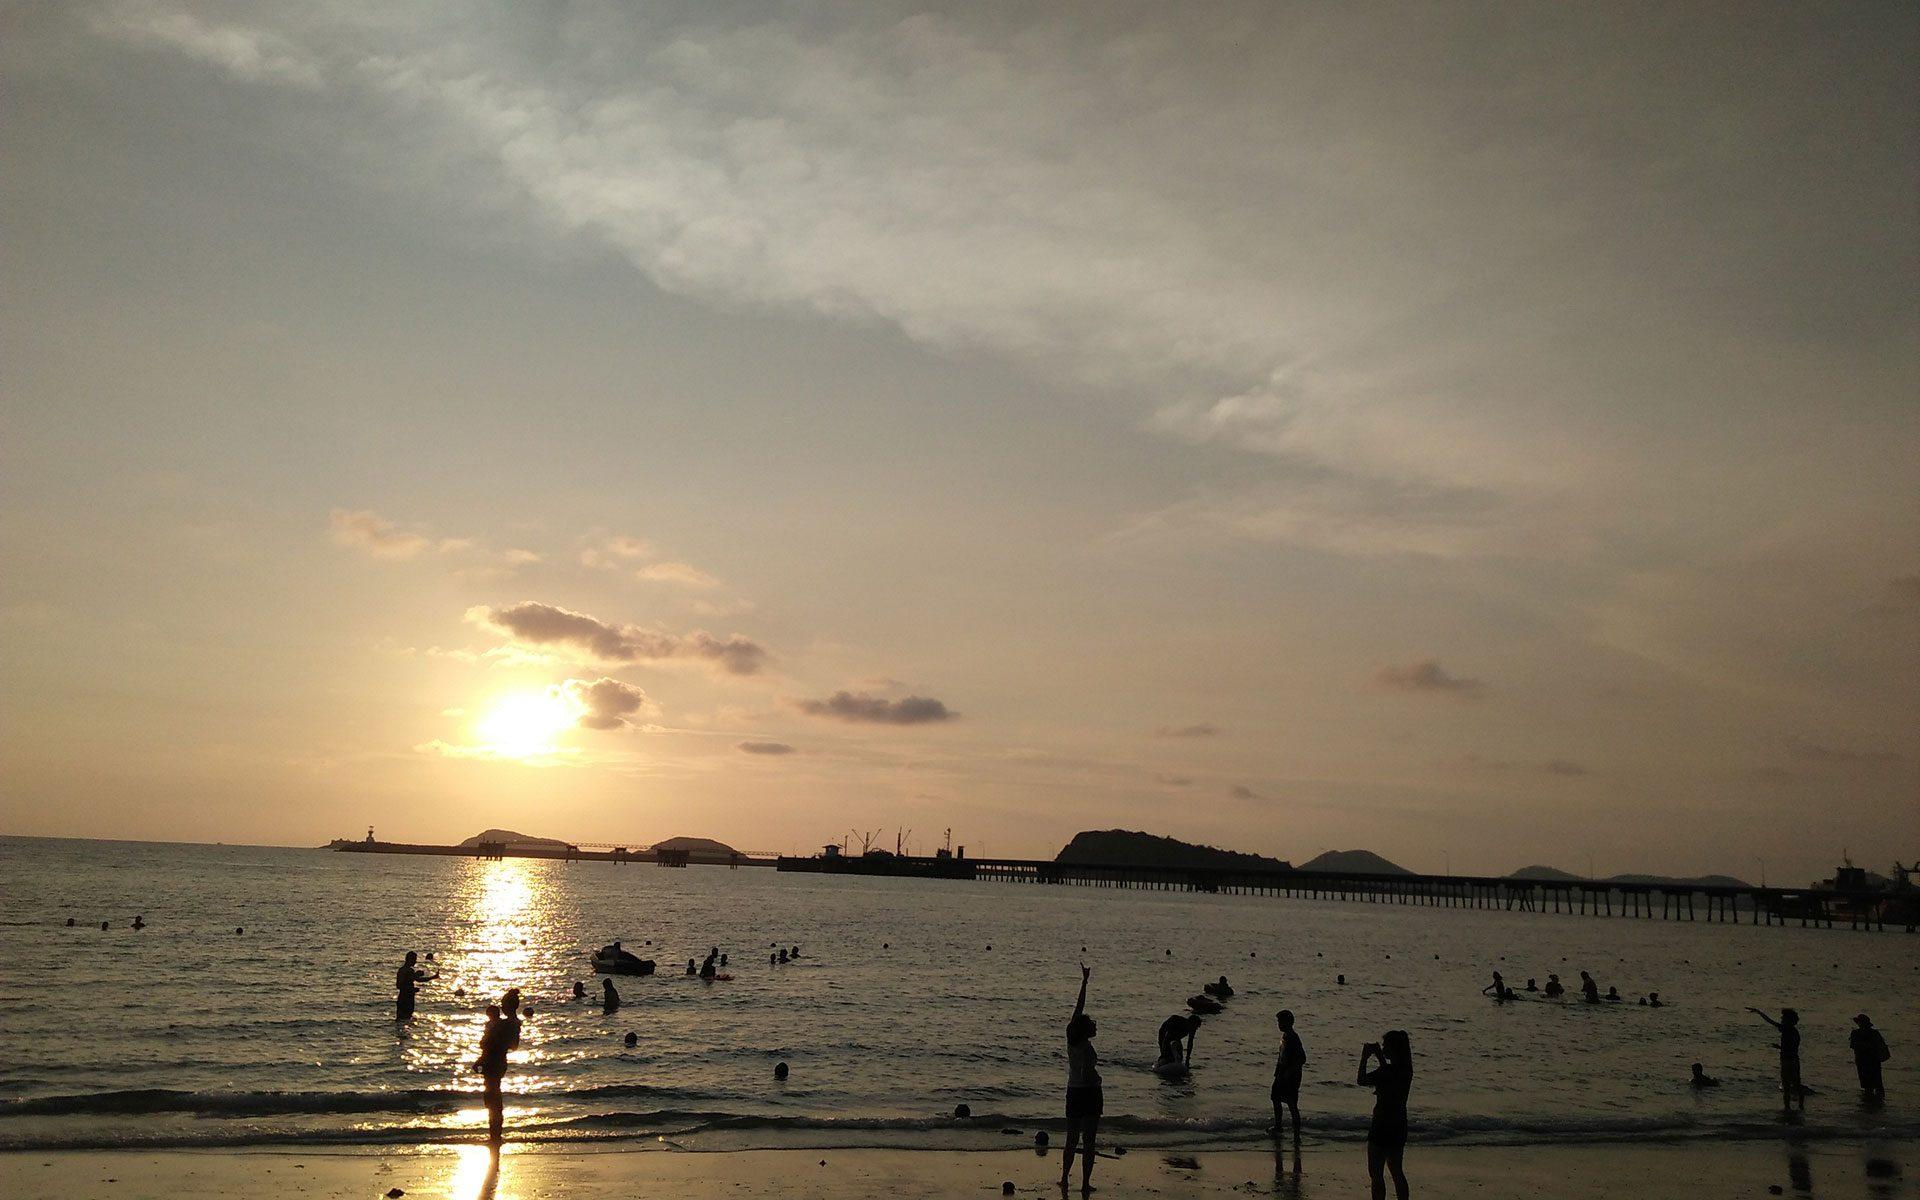 พระอาทิตย์ตกที่หาดนางรำ สัตหีบ ชลบุรี